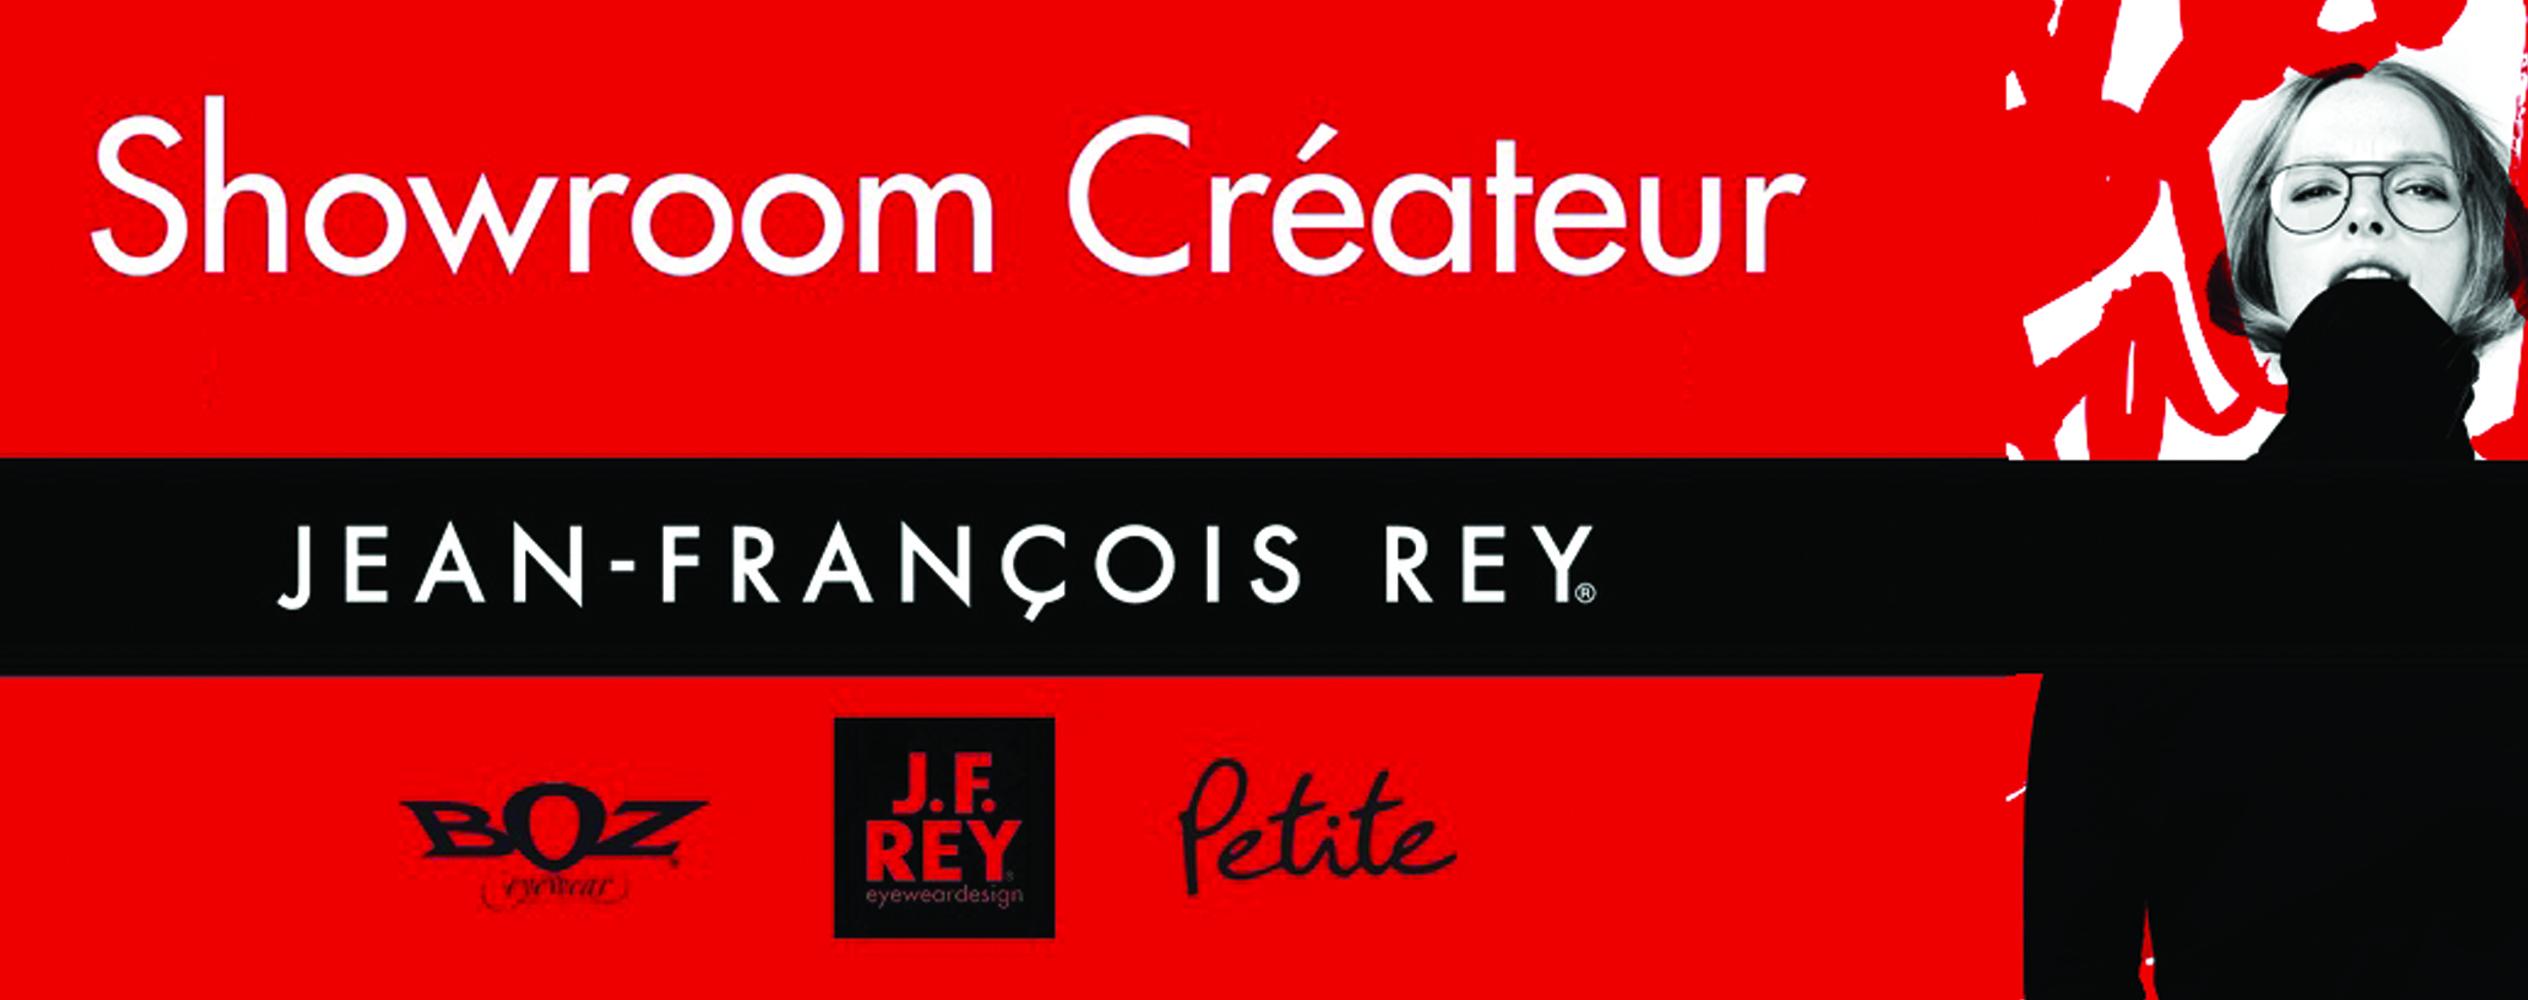 Show Room Dreateur J.F. Rey - Boz - Petite